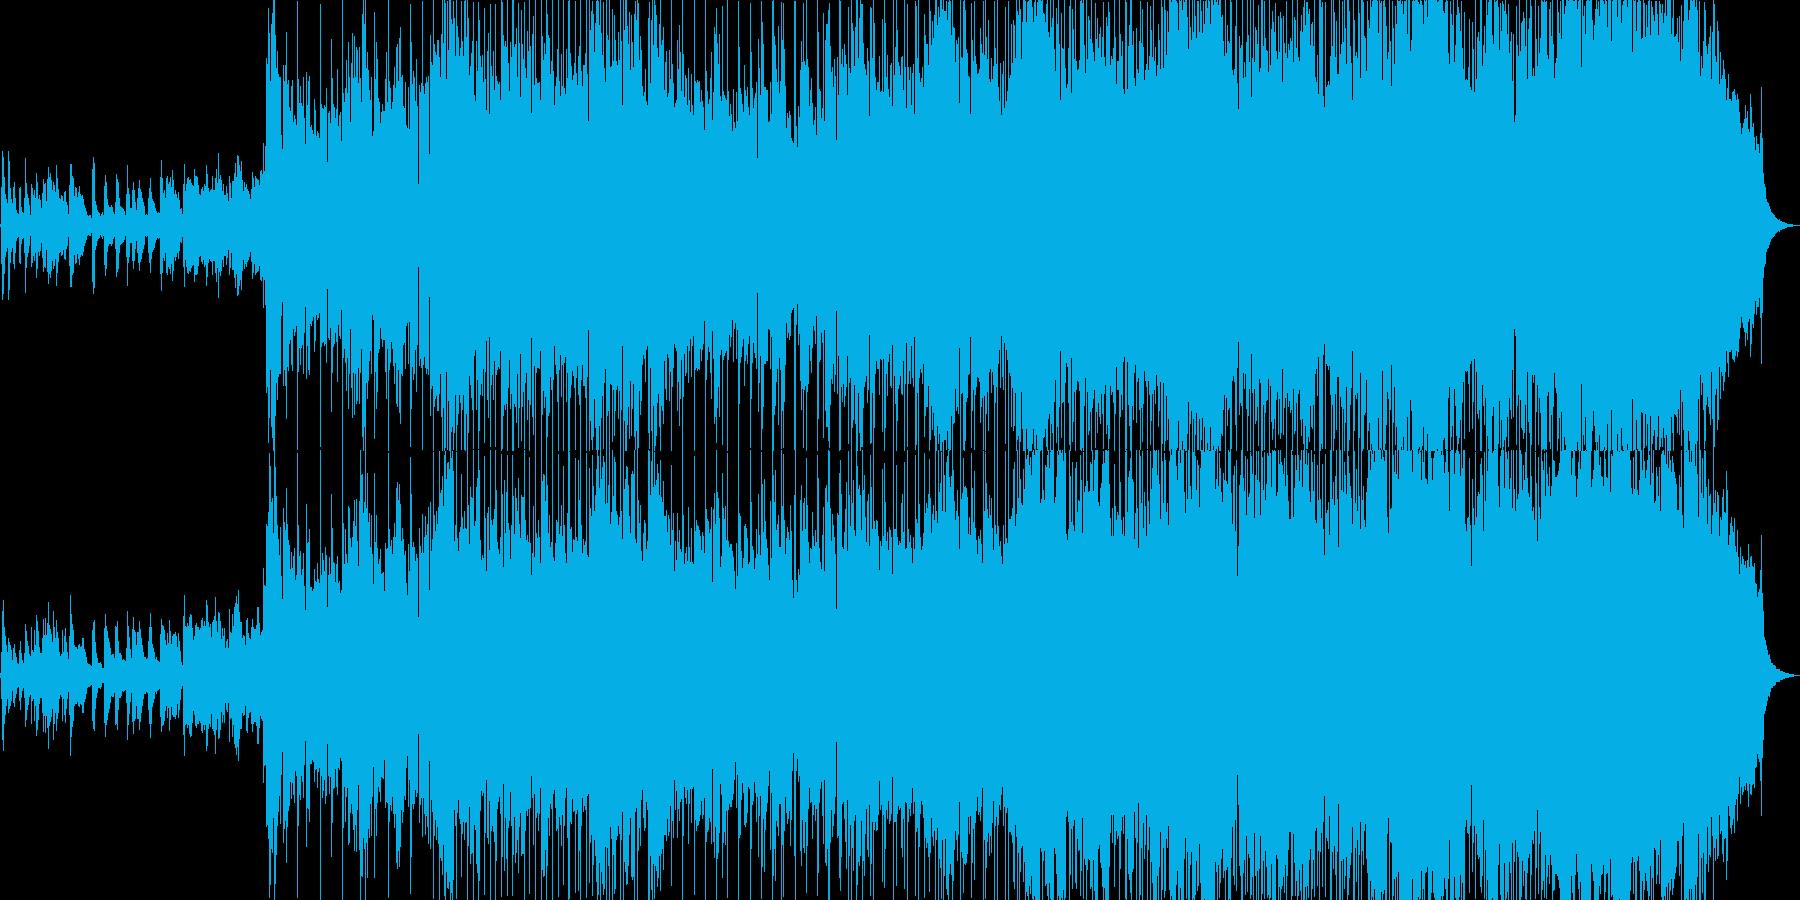 きらきらしたオーケストラ風のBGM2の再生済みの波形